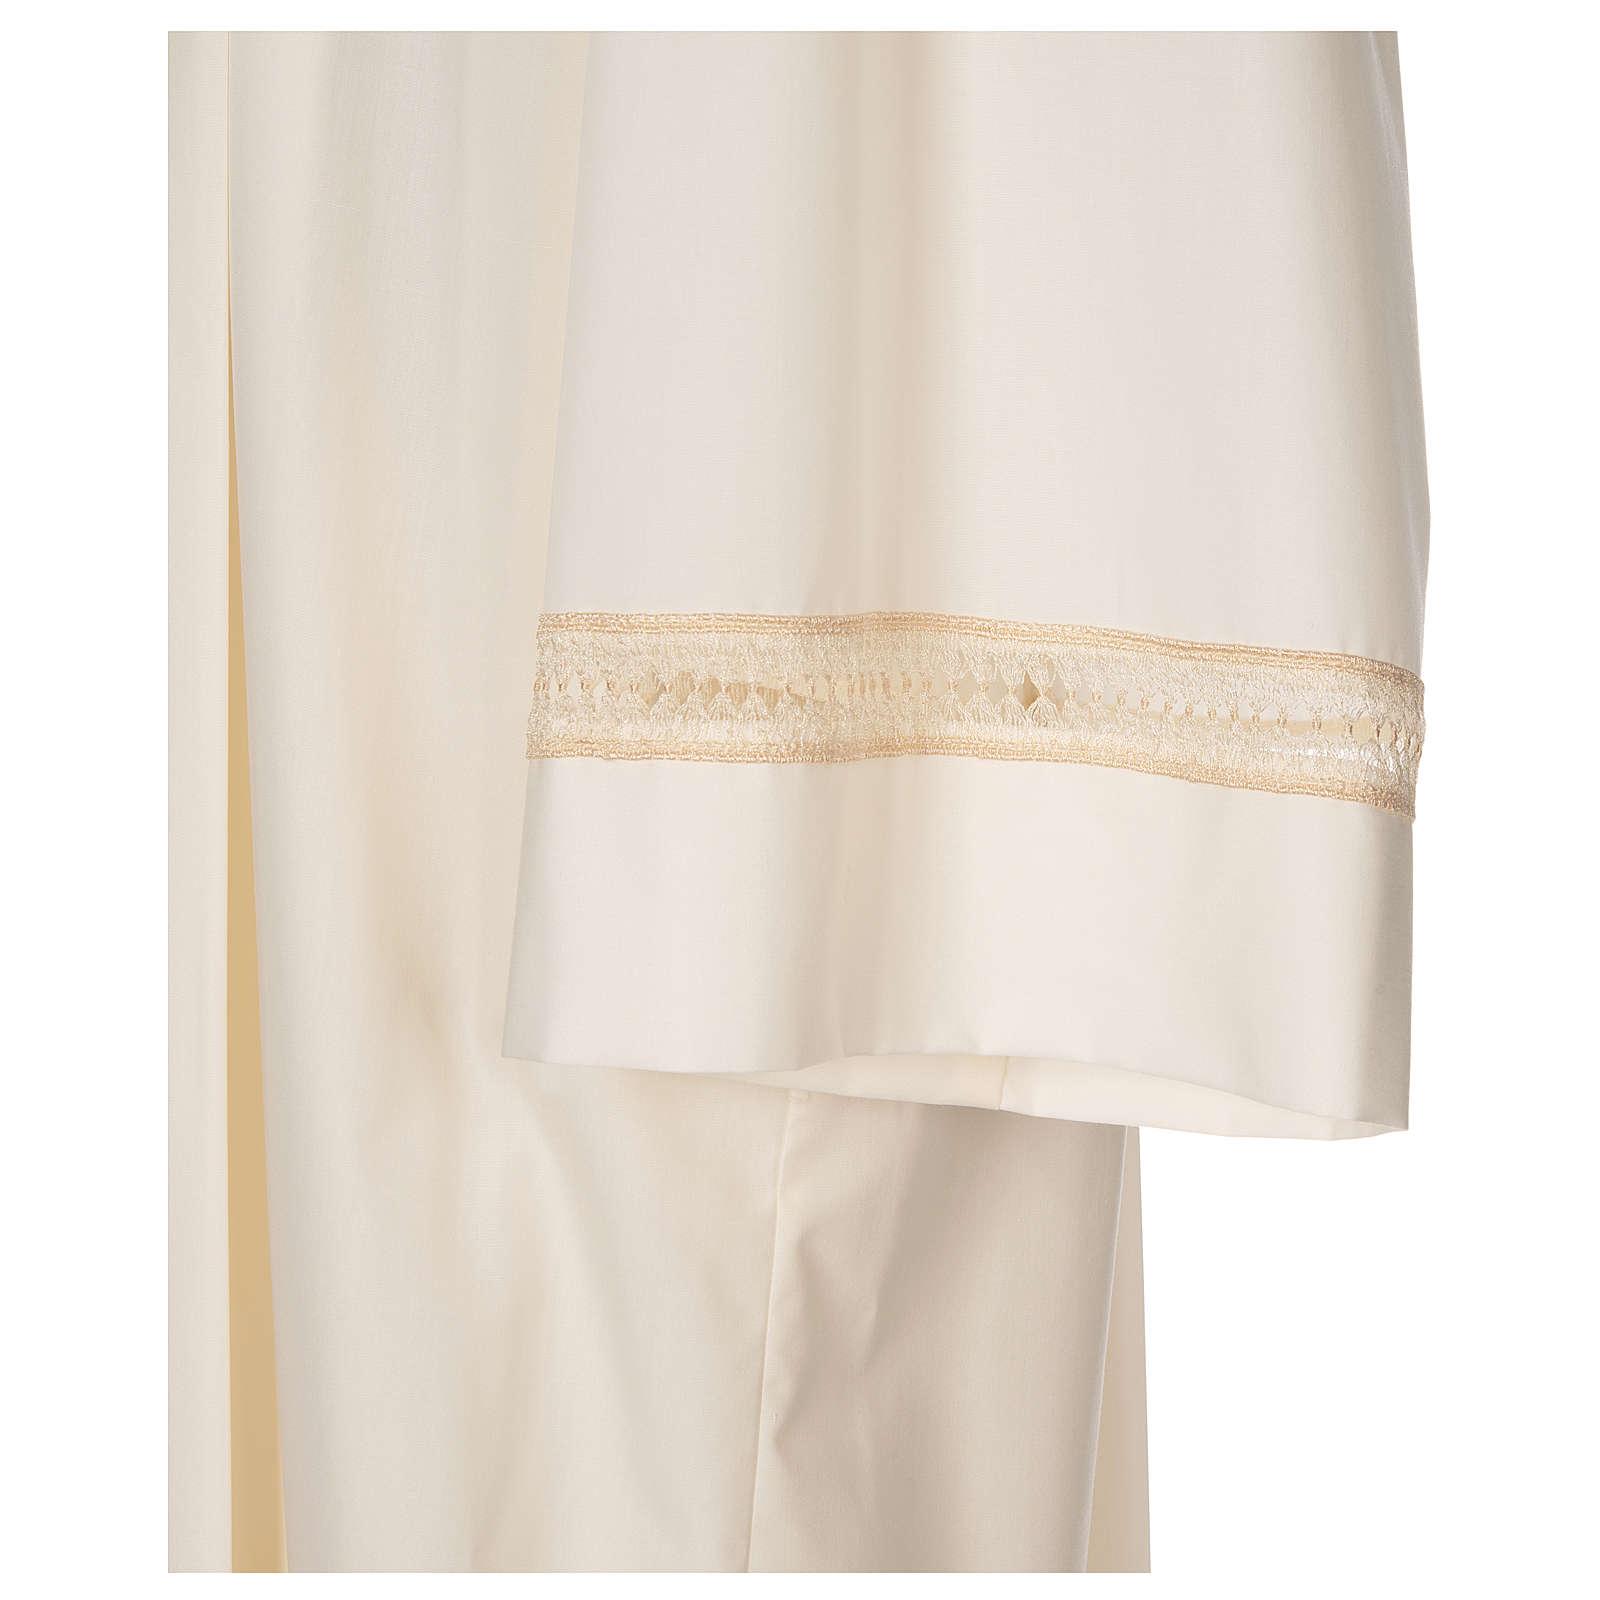 Alba marfil 65% pol 35% algodón bordado dorado cremallera 4